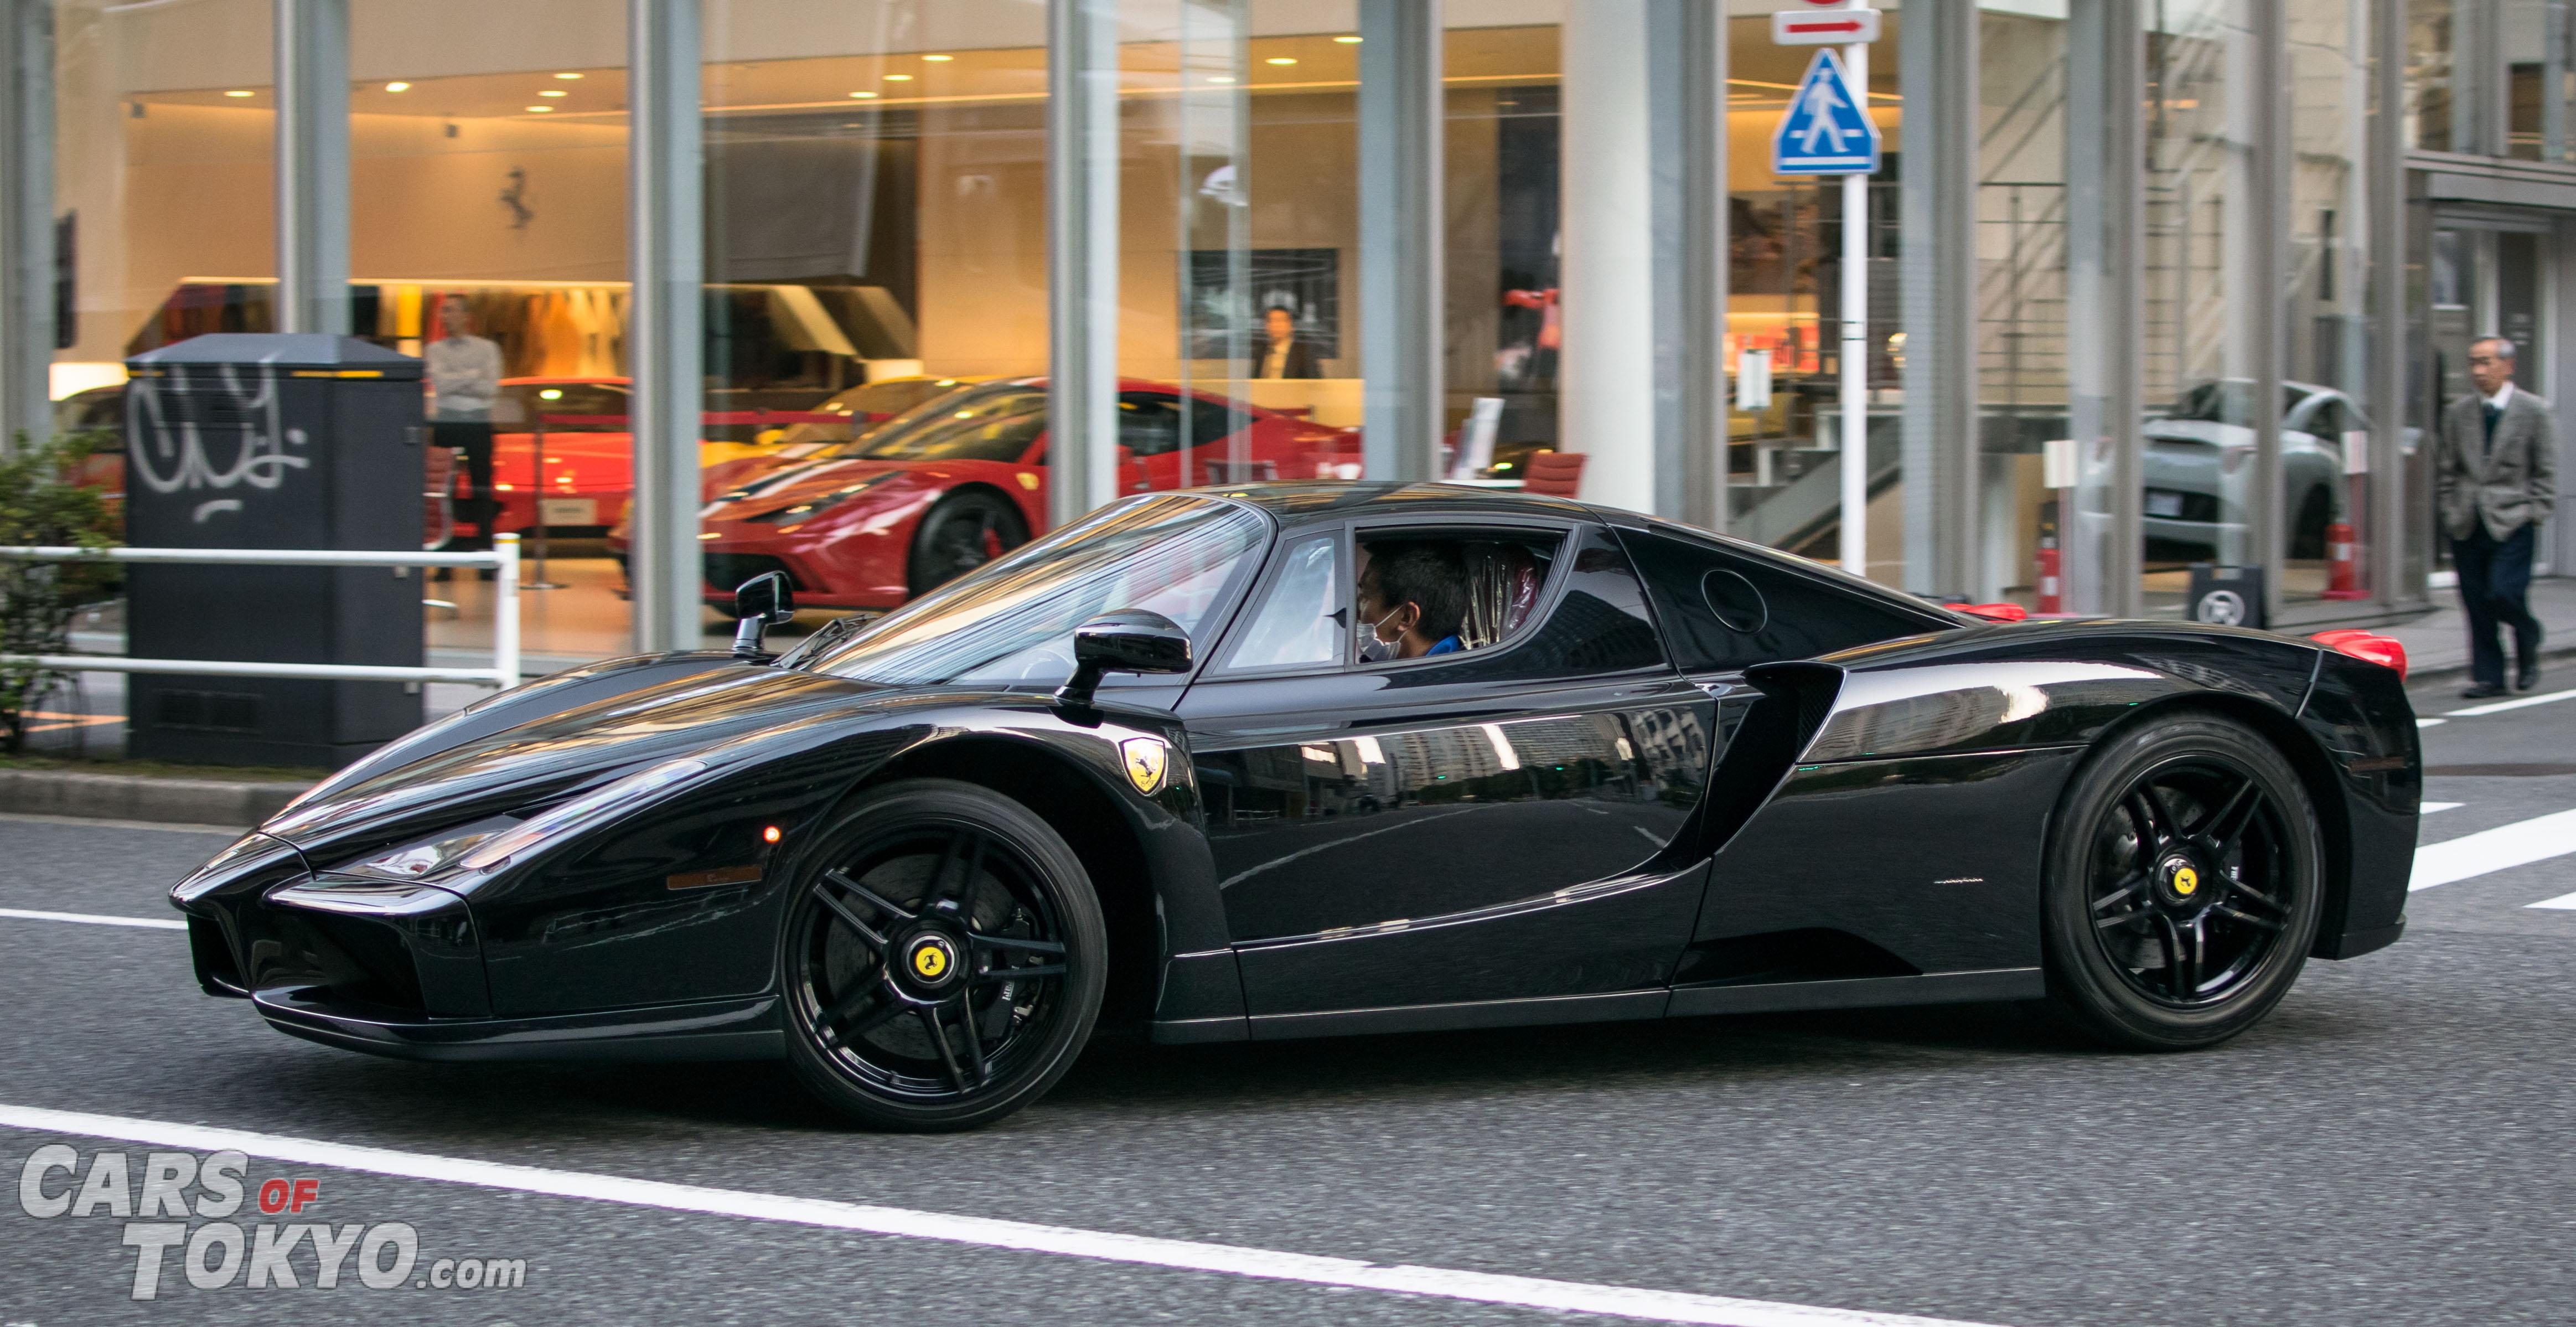 Cars of Tokyo Clean Ferrari Ferrari Enzo